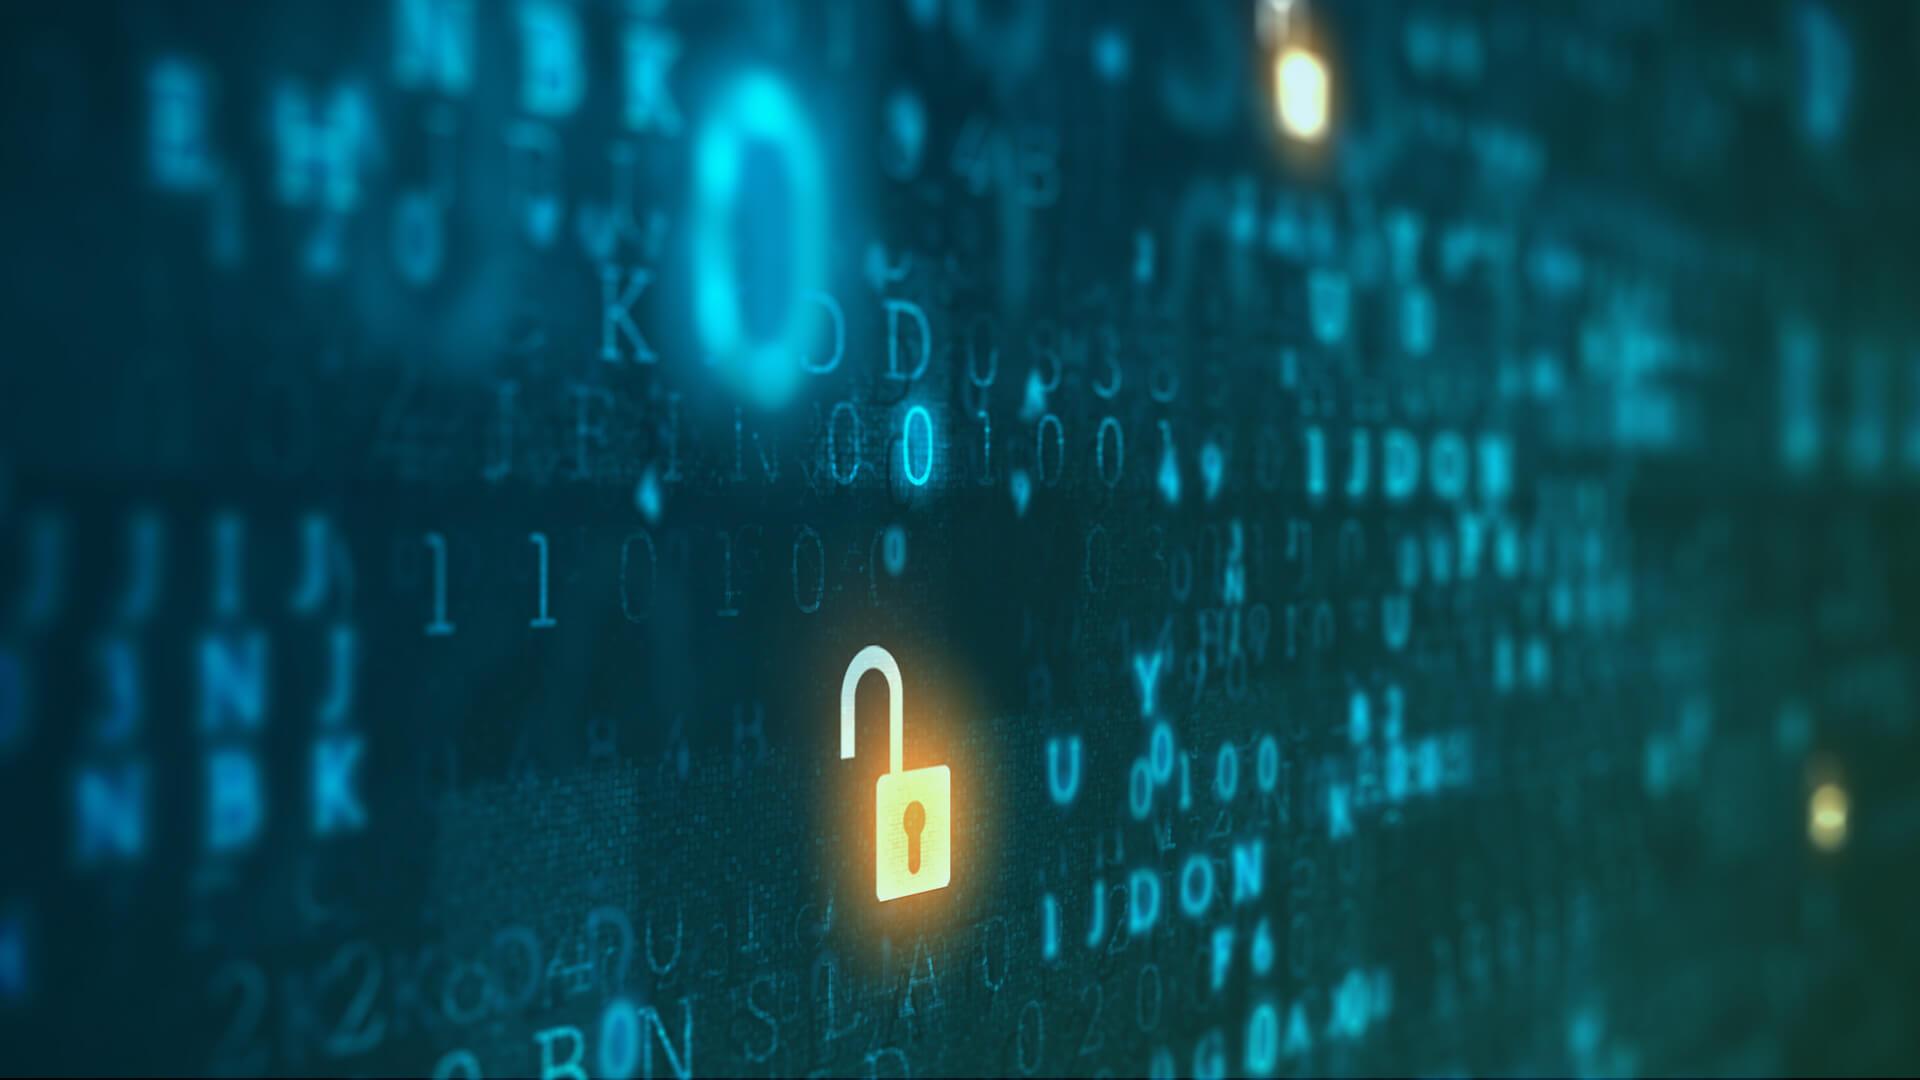 kyberbezpecnost-a-psychologie-jak-moc-spolu-tyto-dva-obory-souvisi_1920x1080